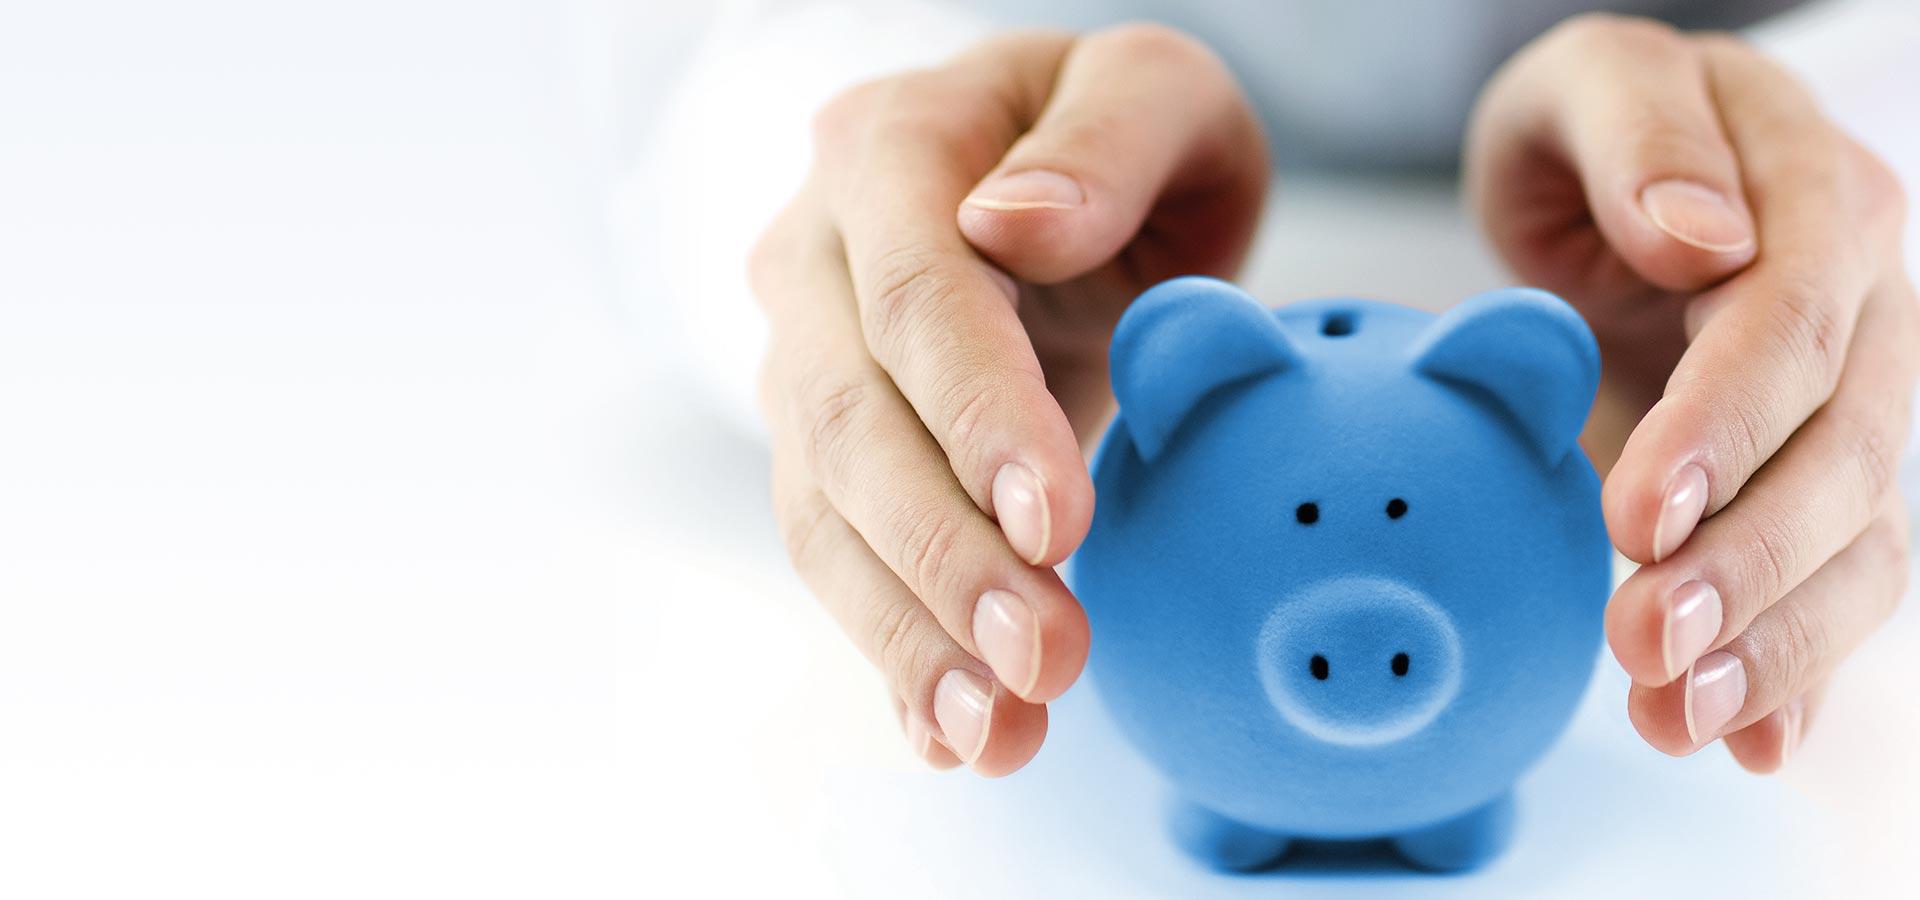 Emmegi recupero crediti, consulenza legale e fiscale, informazioni commerciali